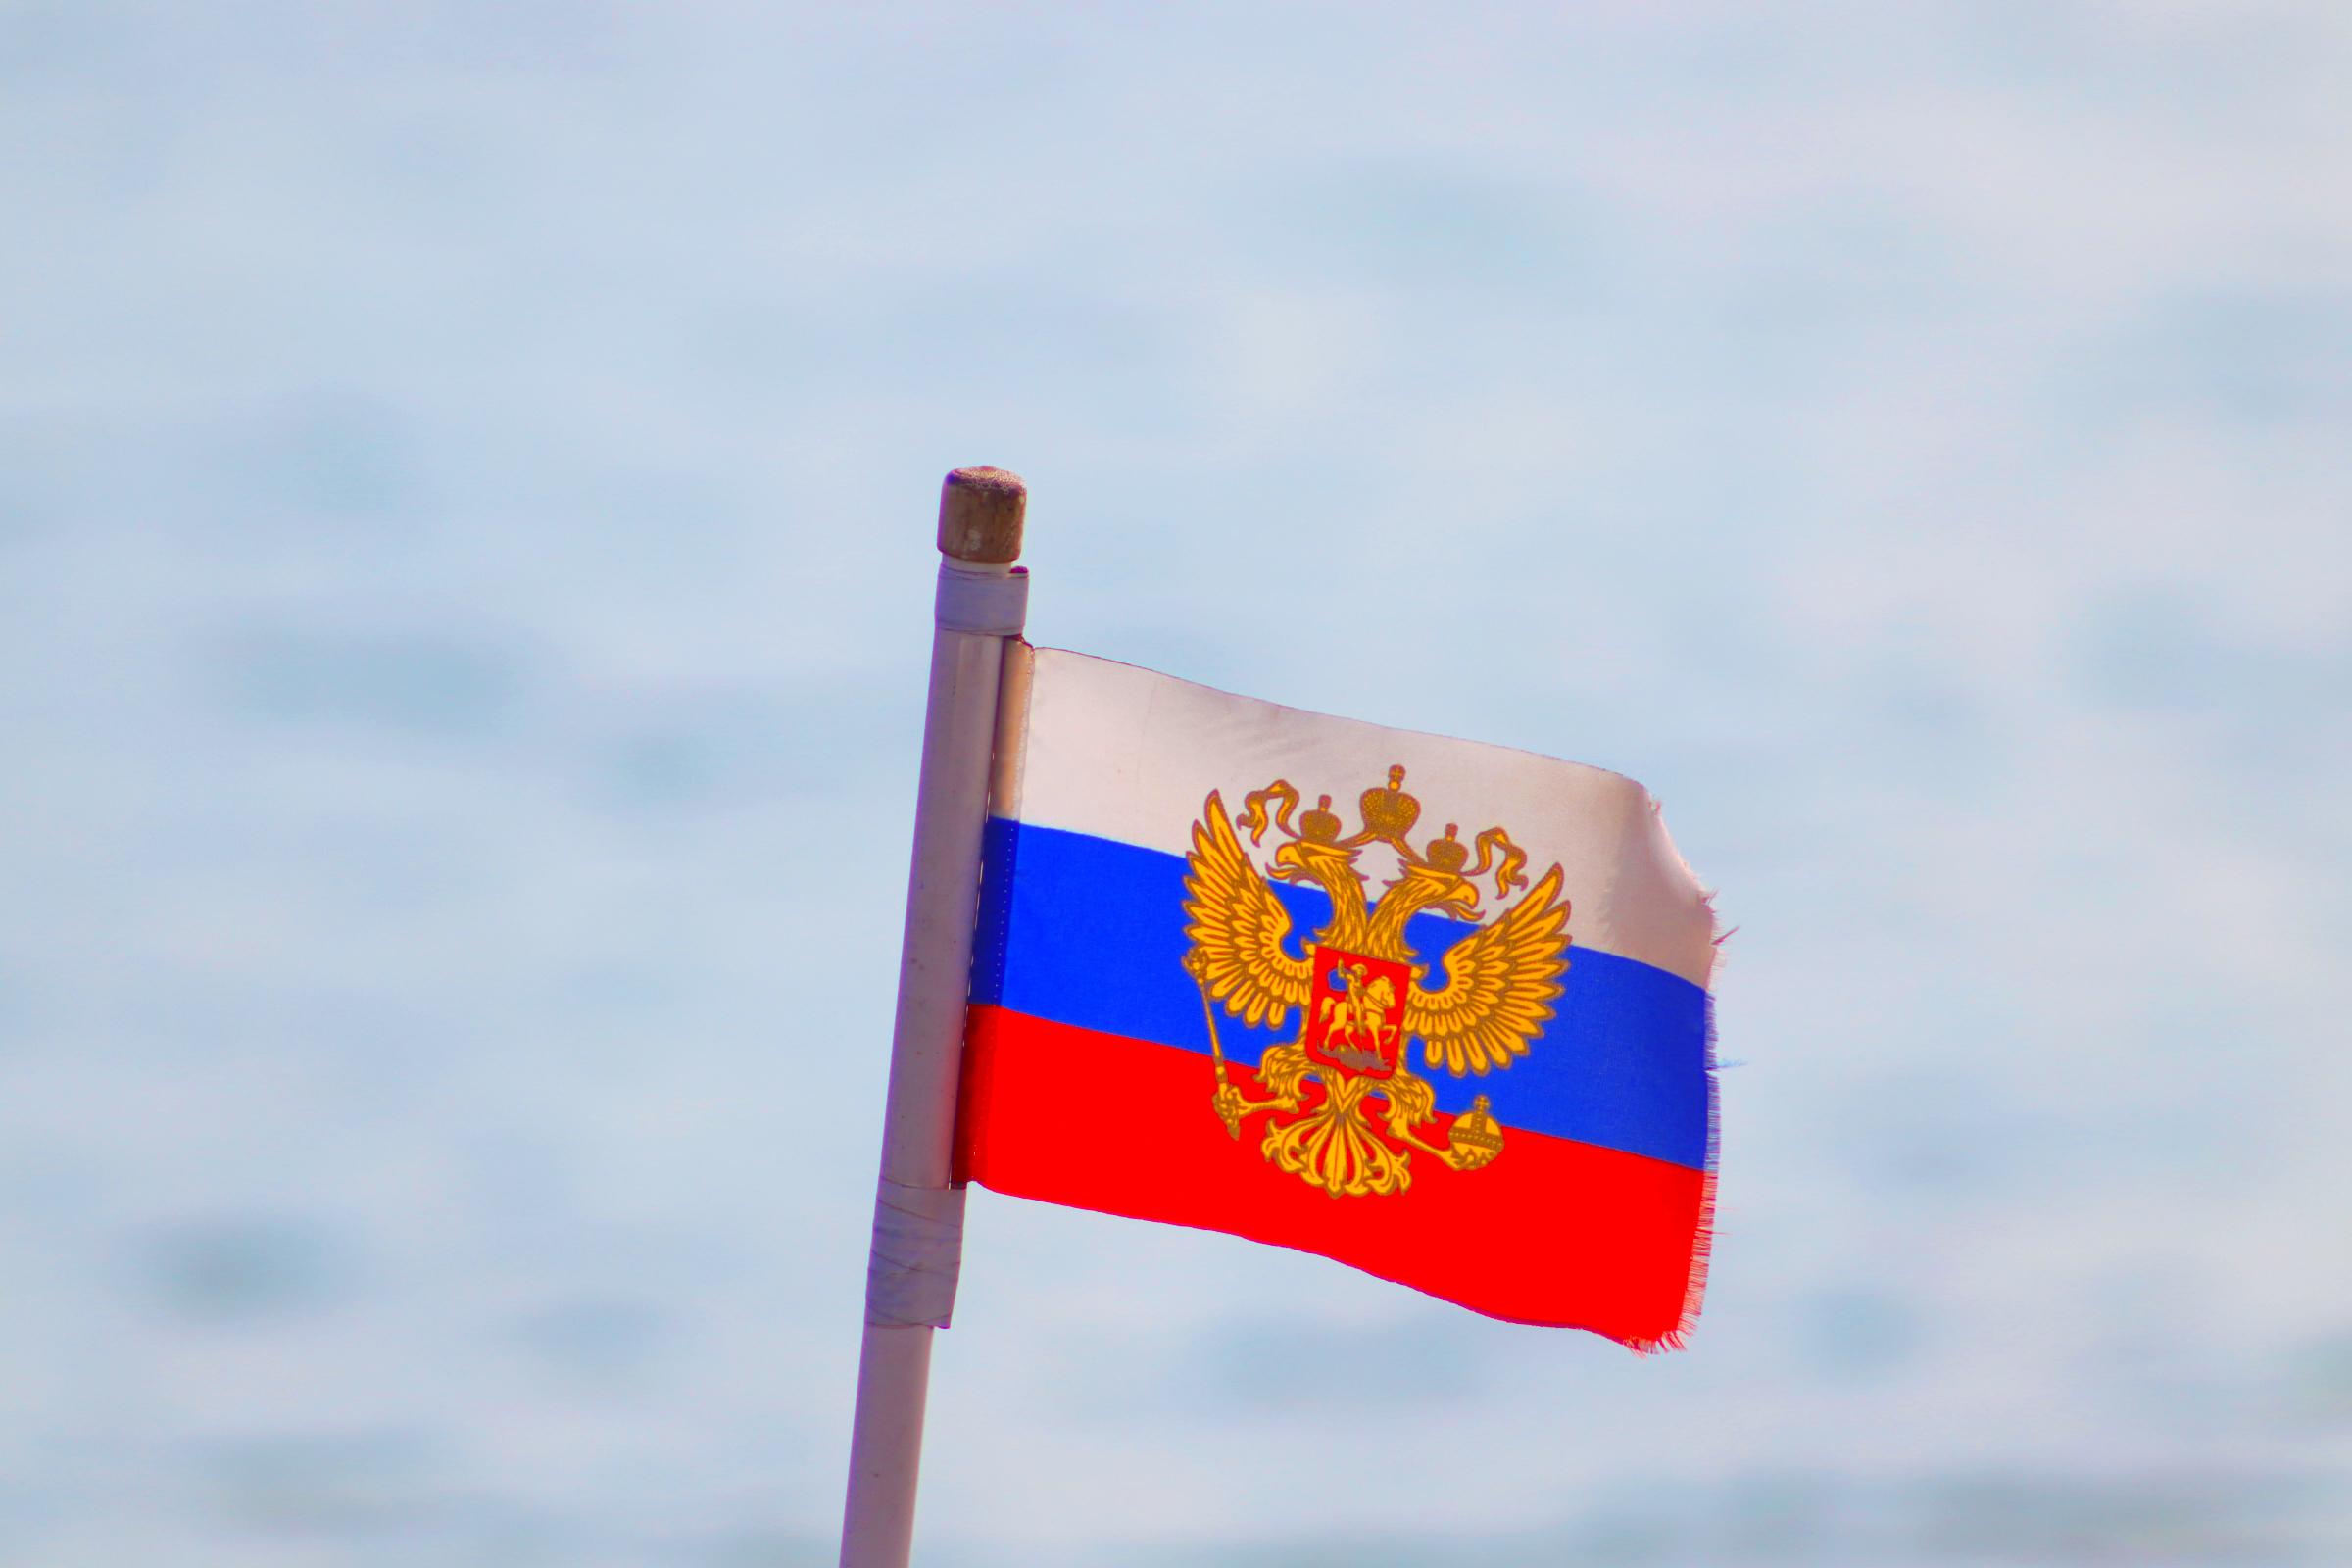 Мама, папа и земля навсегда останутся нашими: поправки в Конституции РФ